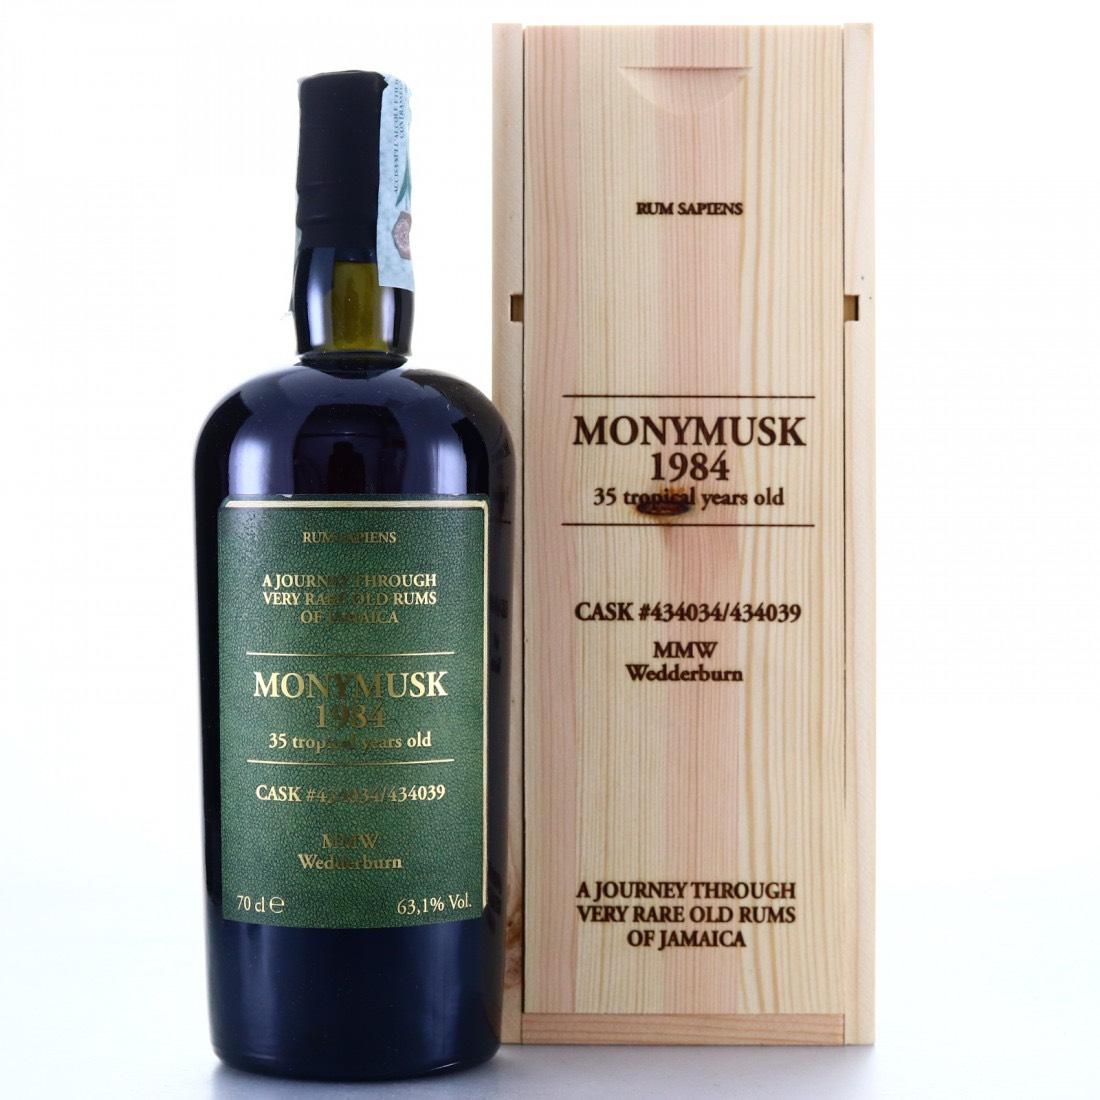 Bottle image of Rum Sapiens Wedderburn MMW